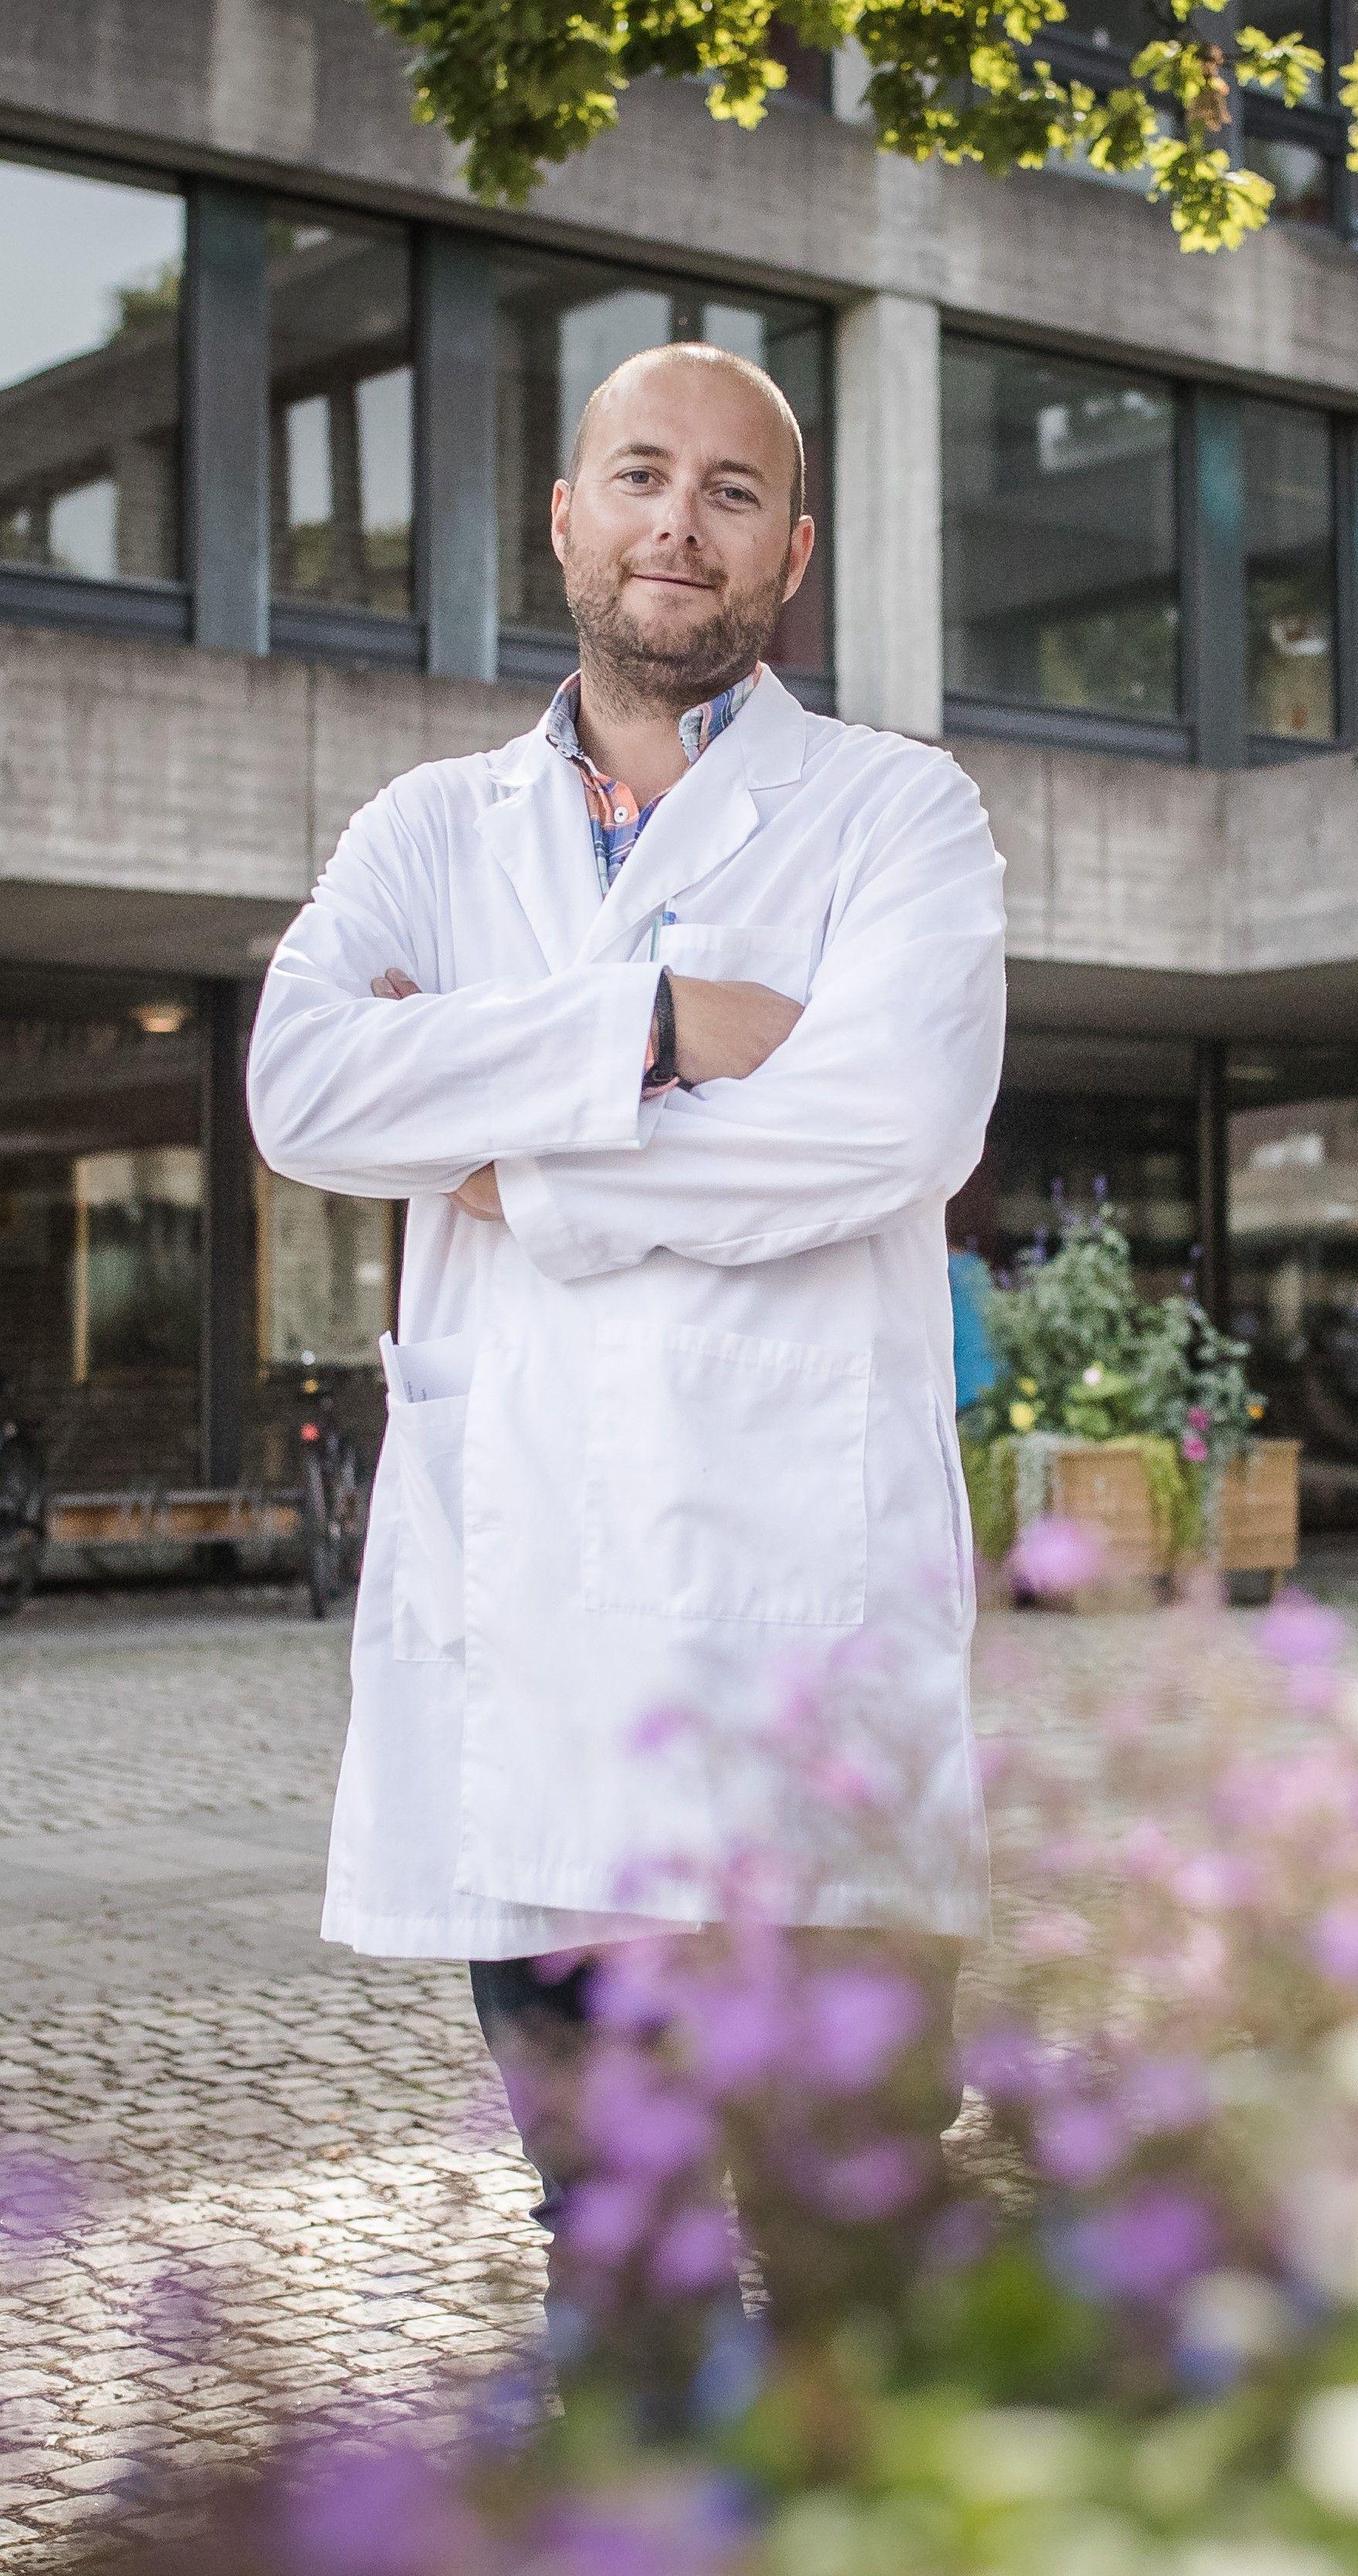 KAD-sjef:  - Pasienter i livets siste fase, skal ikke flyttes rundt i systemet, sier Lars Erik Hansen som var assisterende seksjonsoverlege på KAD Aker.